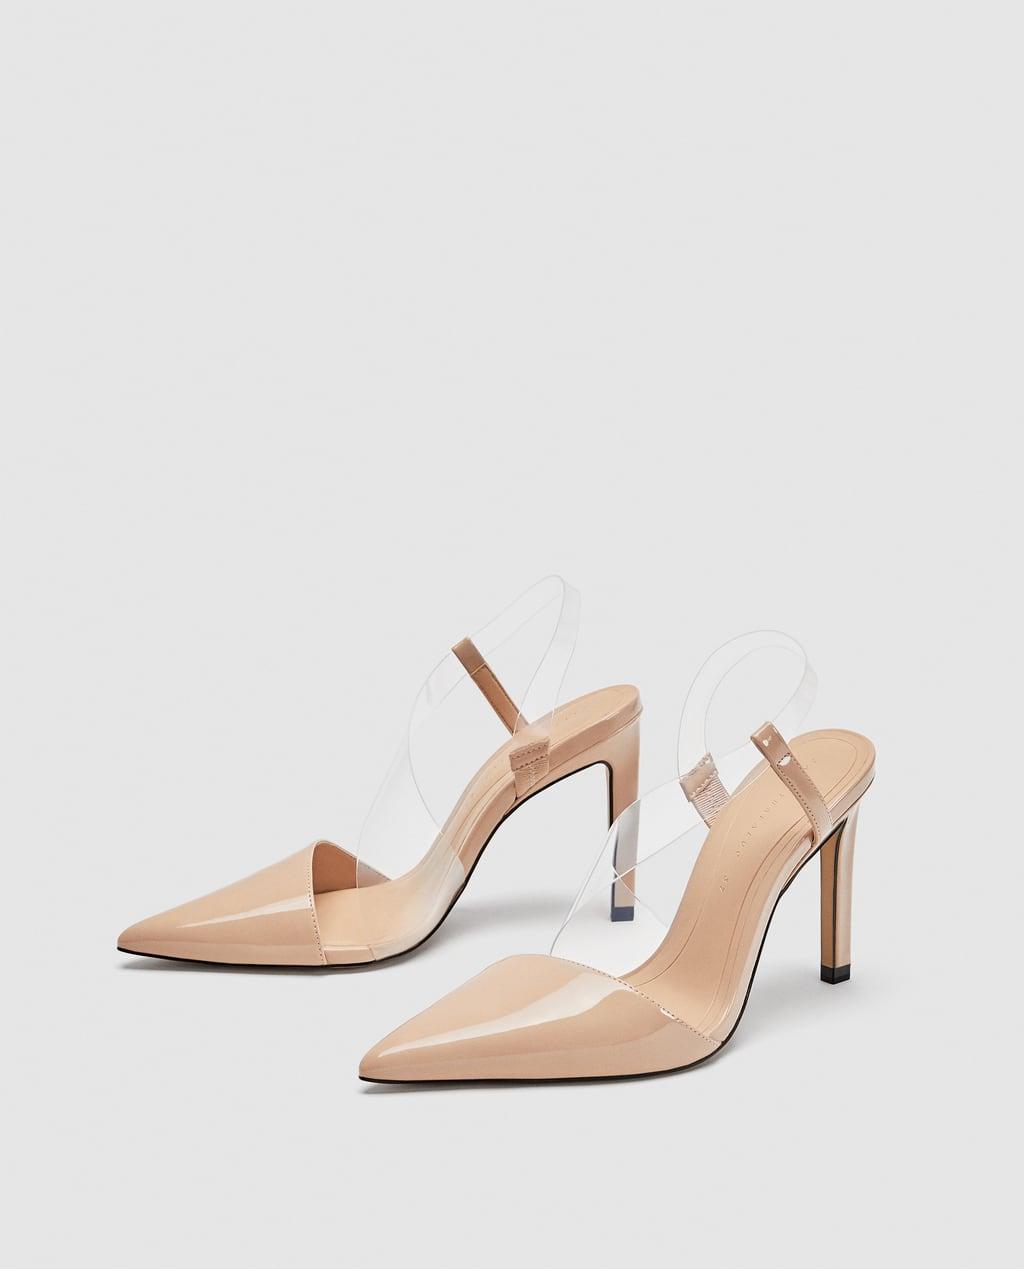 Vinyl Asymmetric Nude Heels